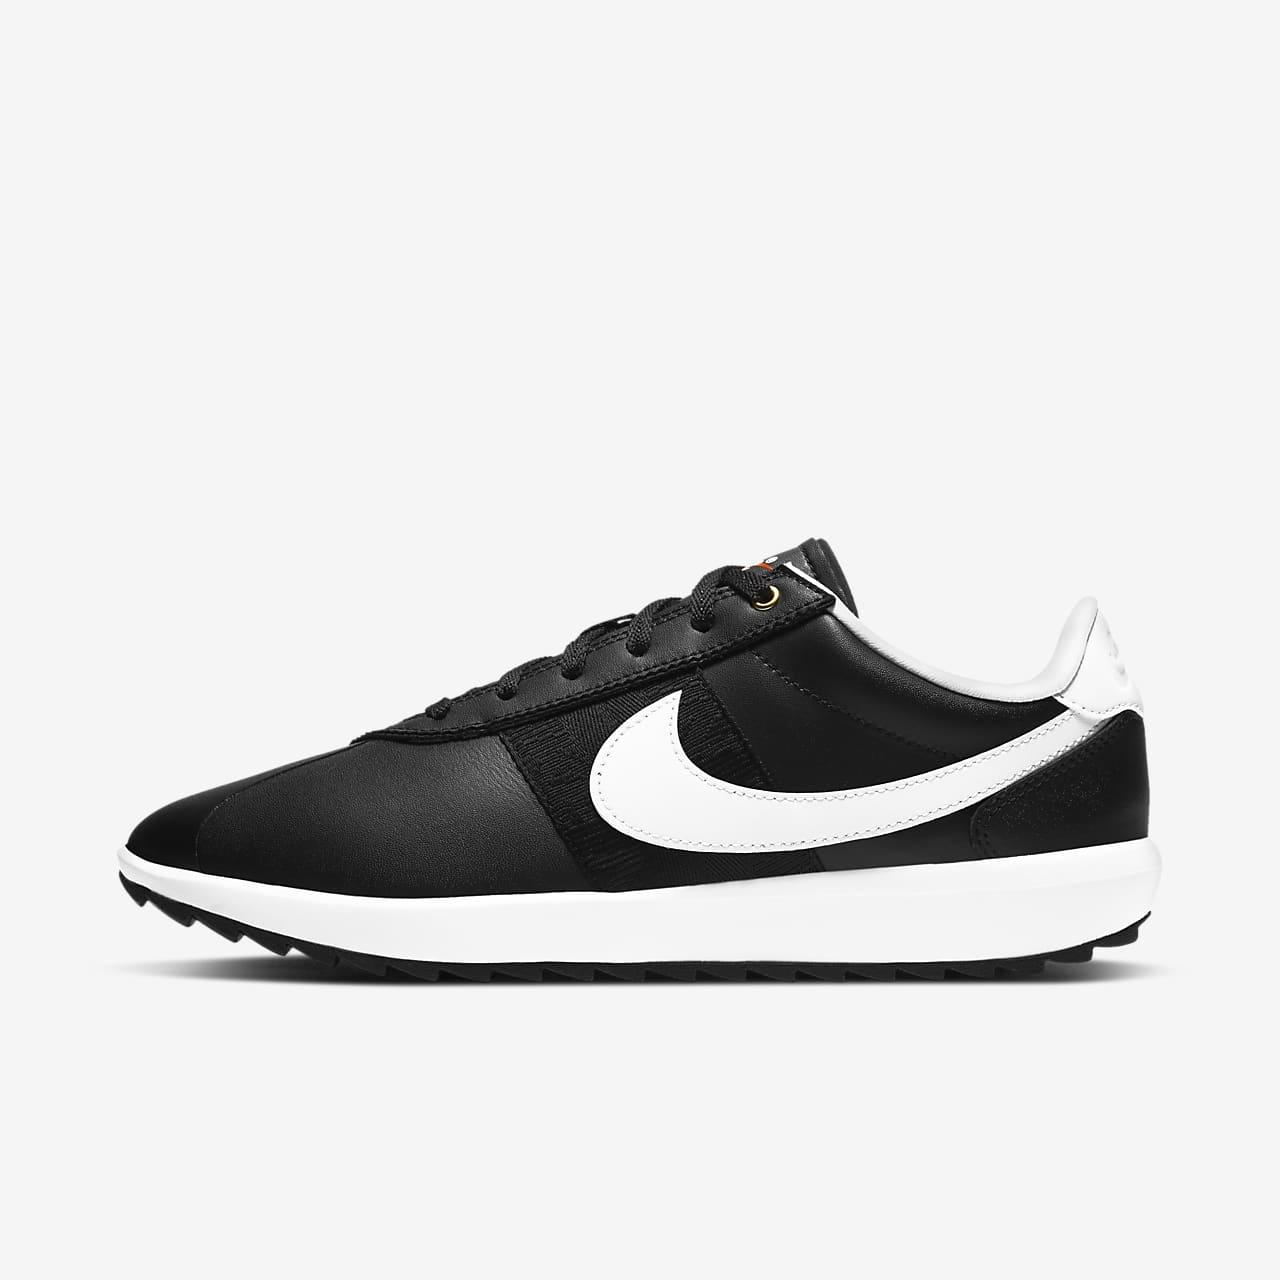 Γυναικείο παπούτσι γκολφ Nike Cortez G